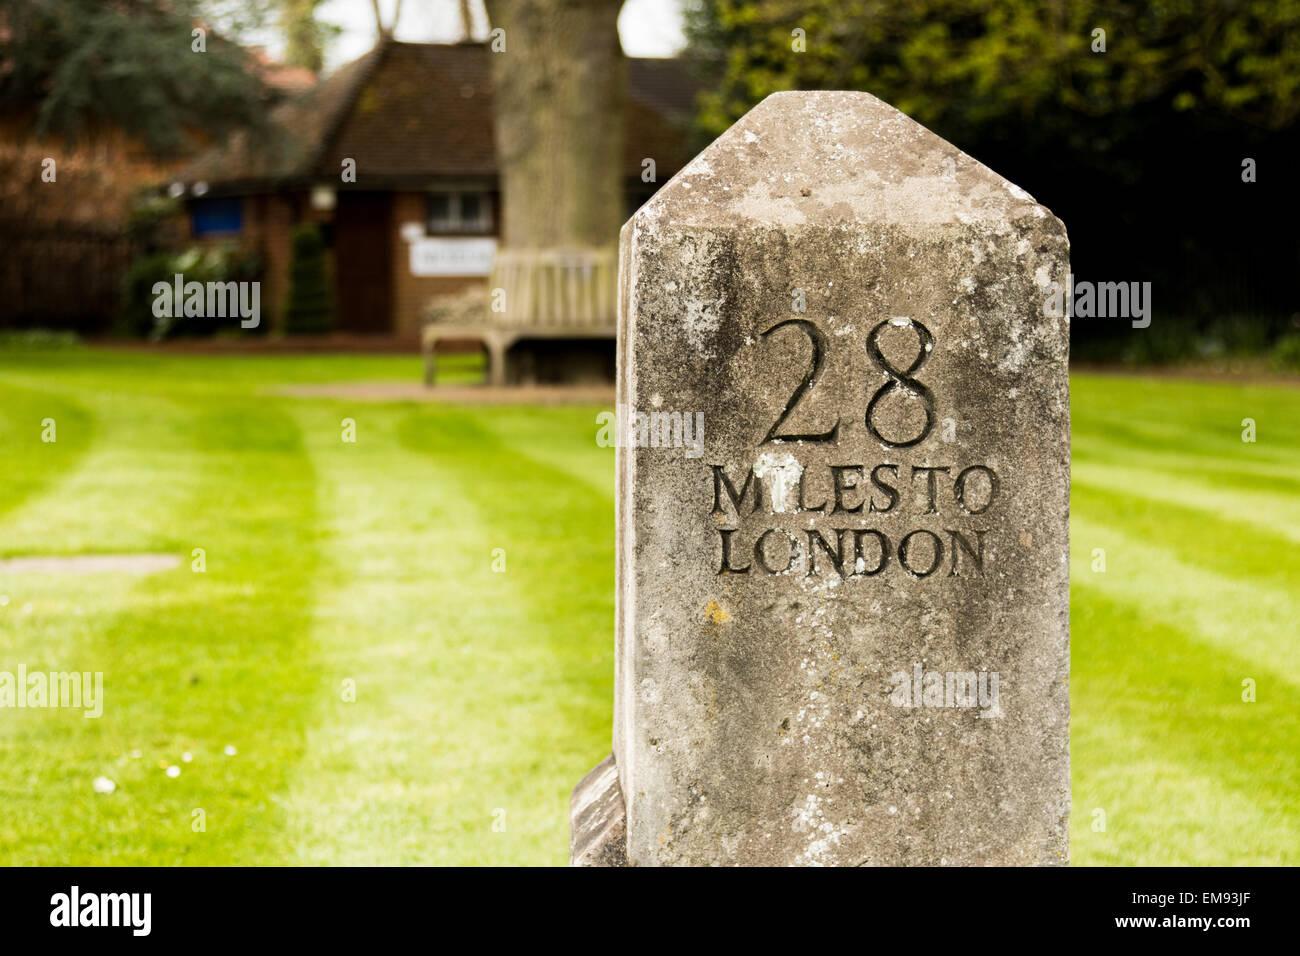 Mile Stone in Chobham UK reading 28 Miles to London - Stock Image